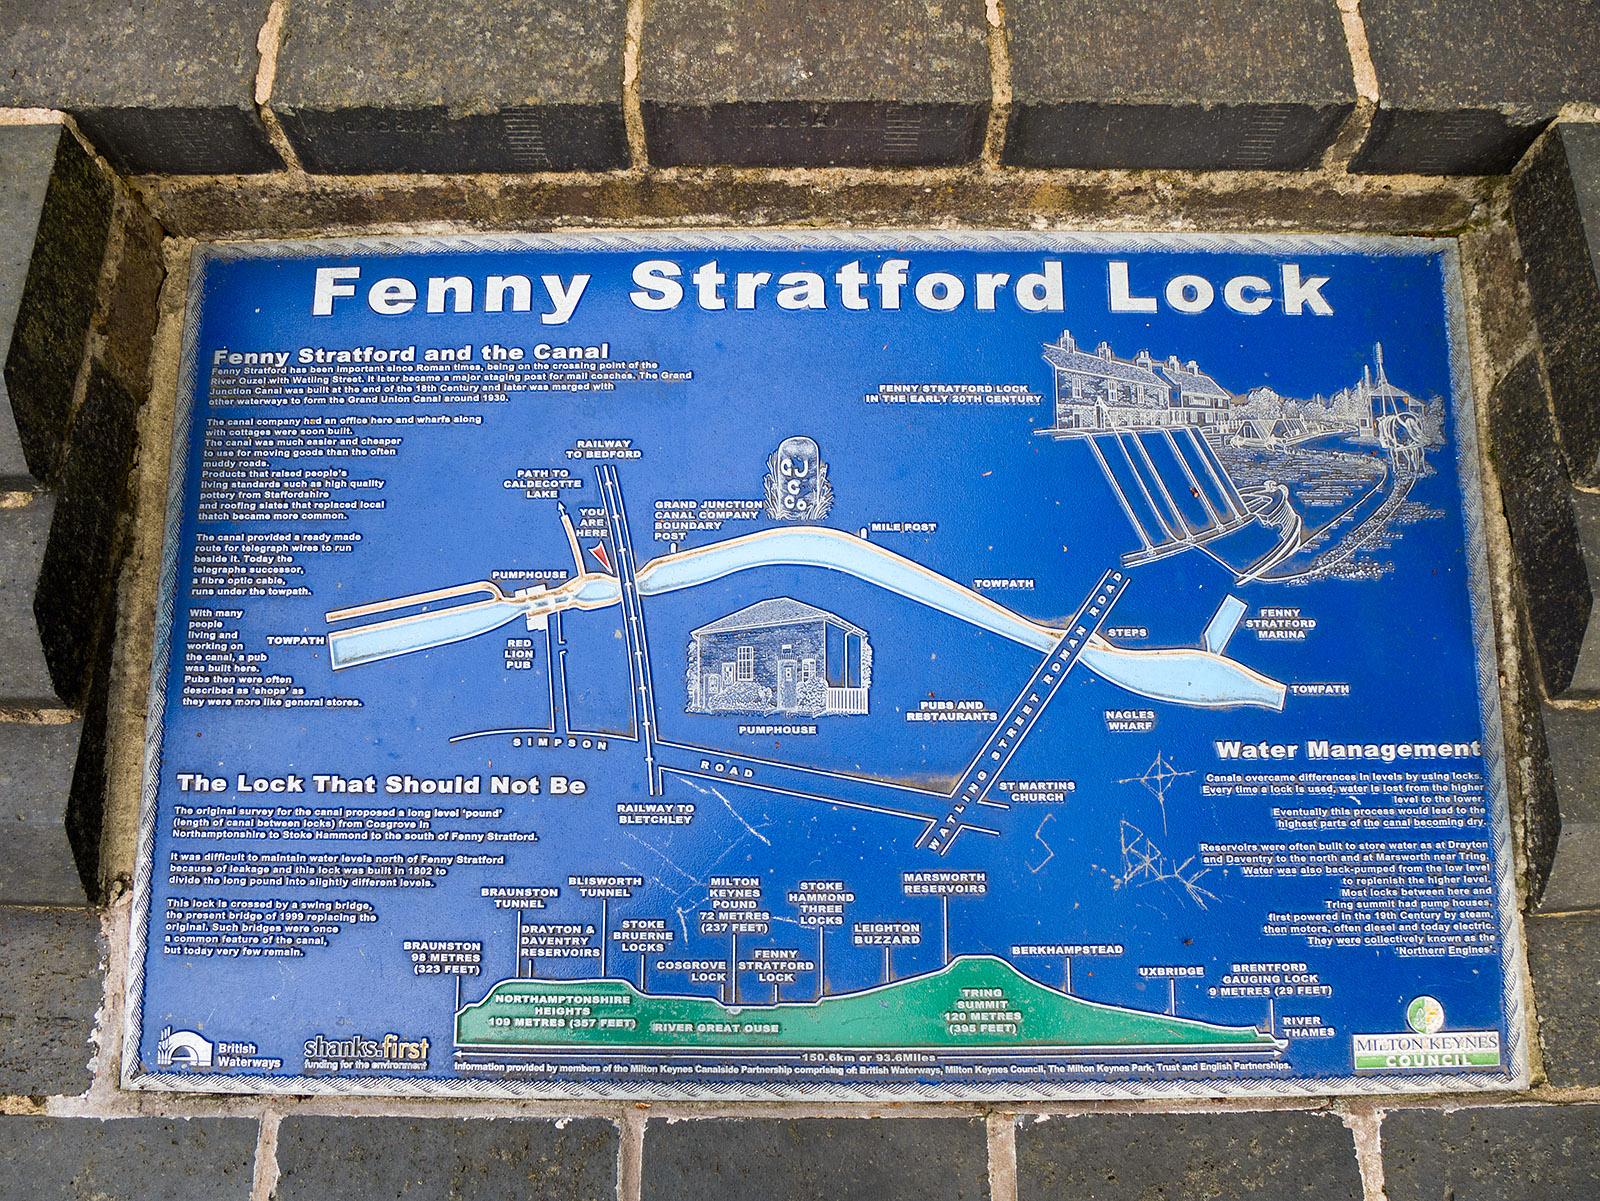 Information panel at Fenny Stratford Lock